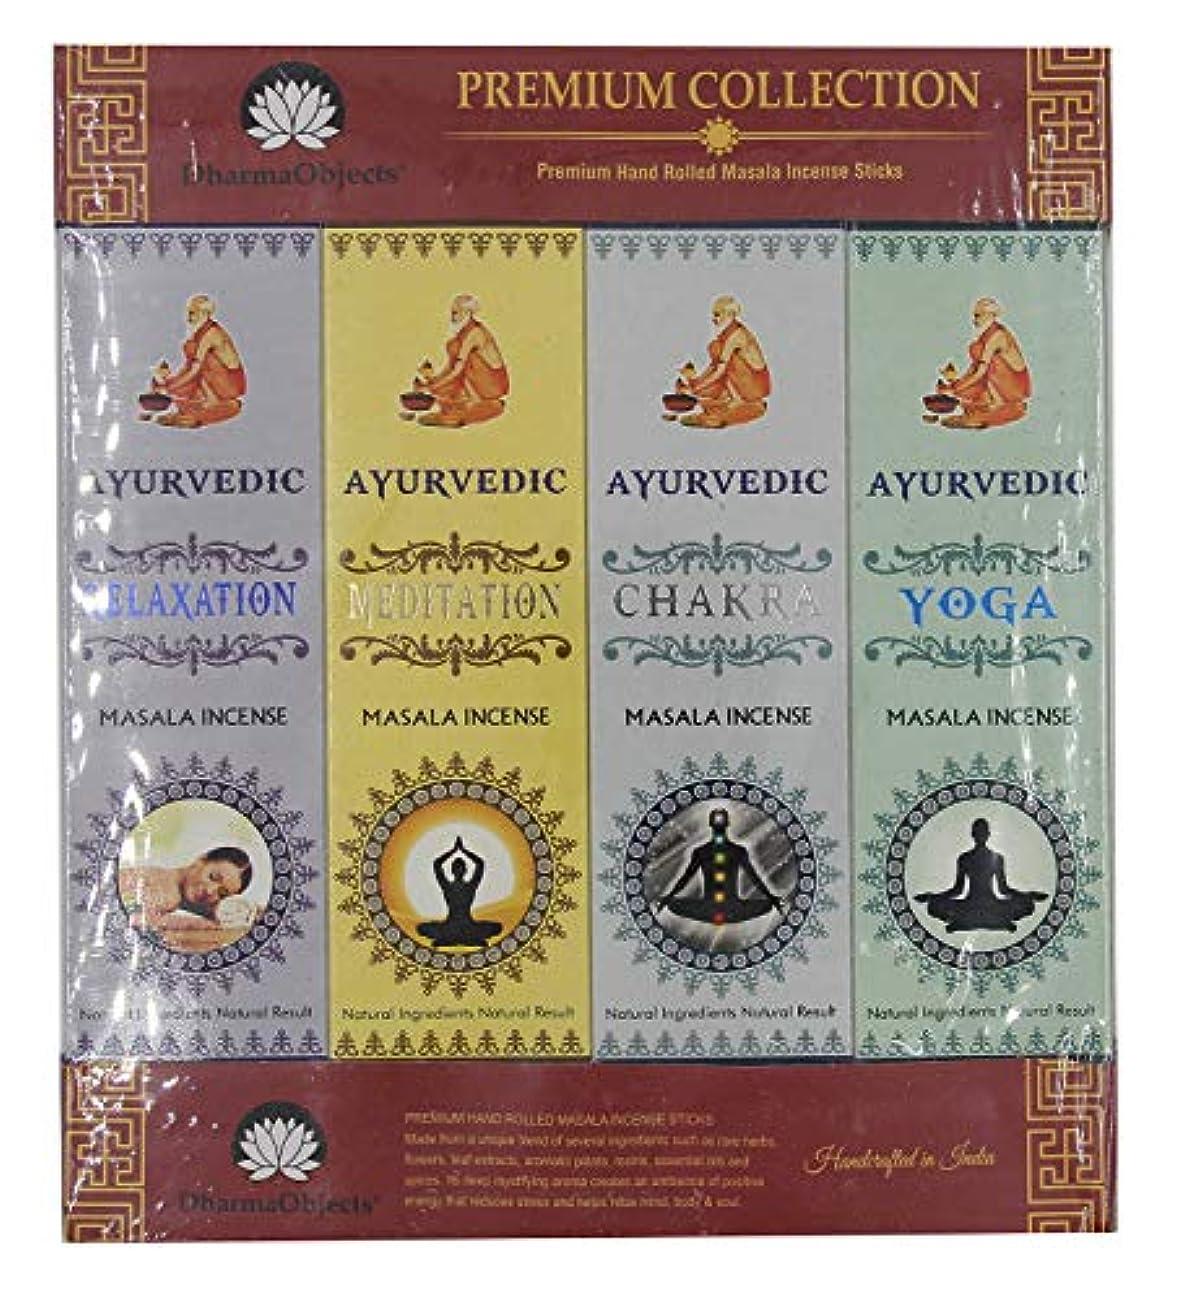 そうでなければ承知しました空いている(Multi) - Gift Set of 12 Ayurvedic Nag Champa Kasturi Chandan Patchouli Agarwood Meditation Rose Stress Relief Saffron Yoga Chakra and Relaxation Masala Incense